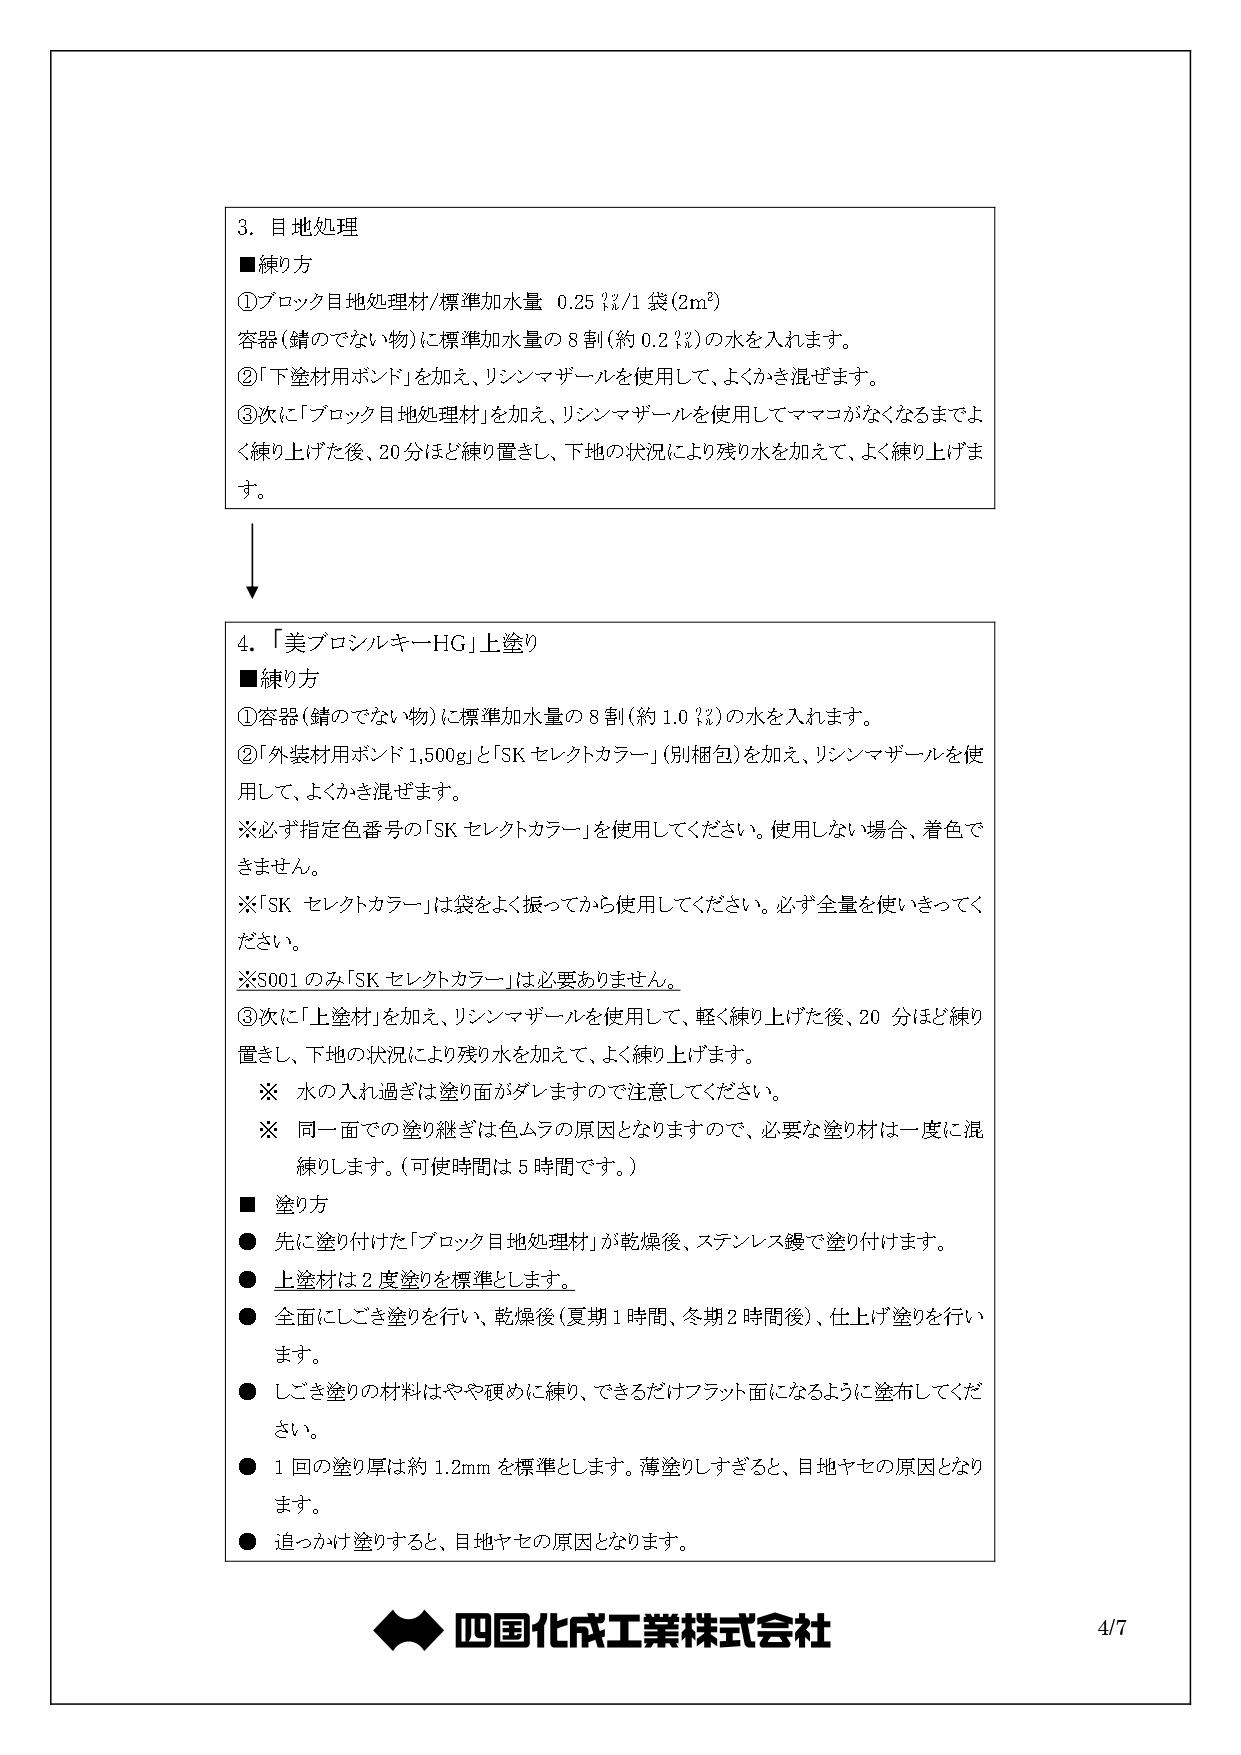 美ブロシルキーHG コテバケ仕上げ 施工説明書_page-0004